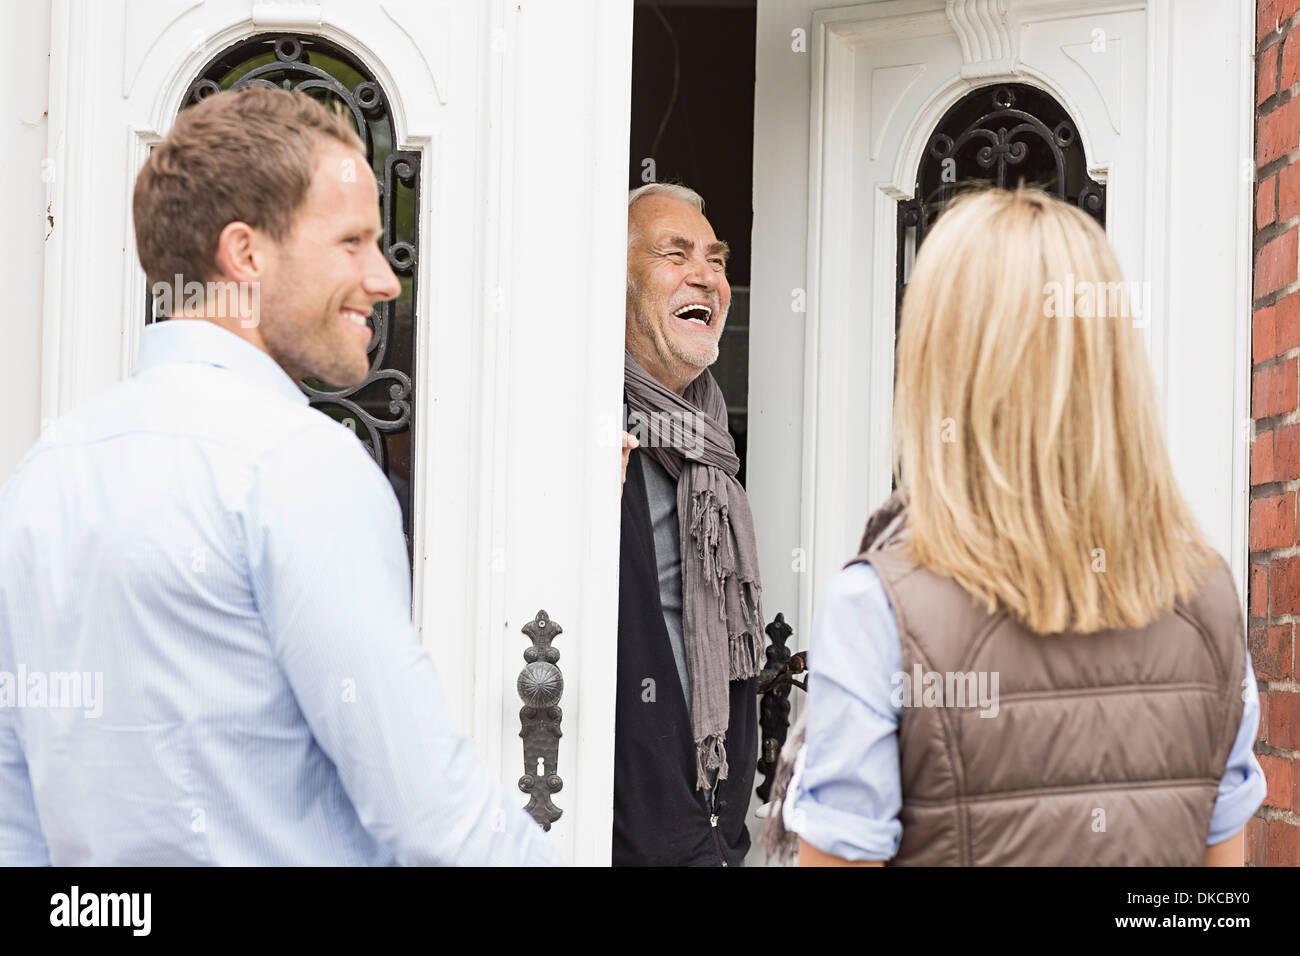 Padre abriendo la puerta delantera riendo Imagen De Stock